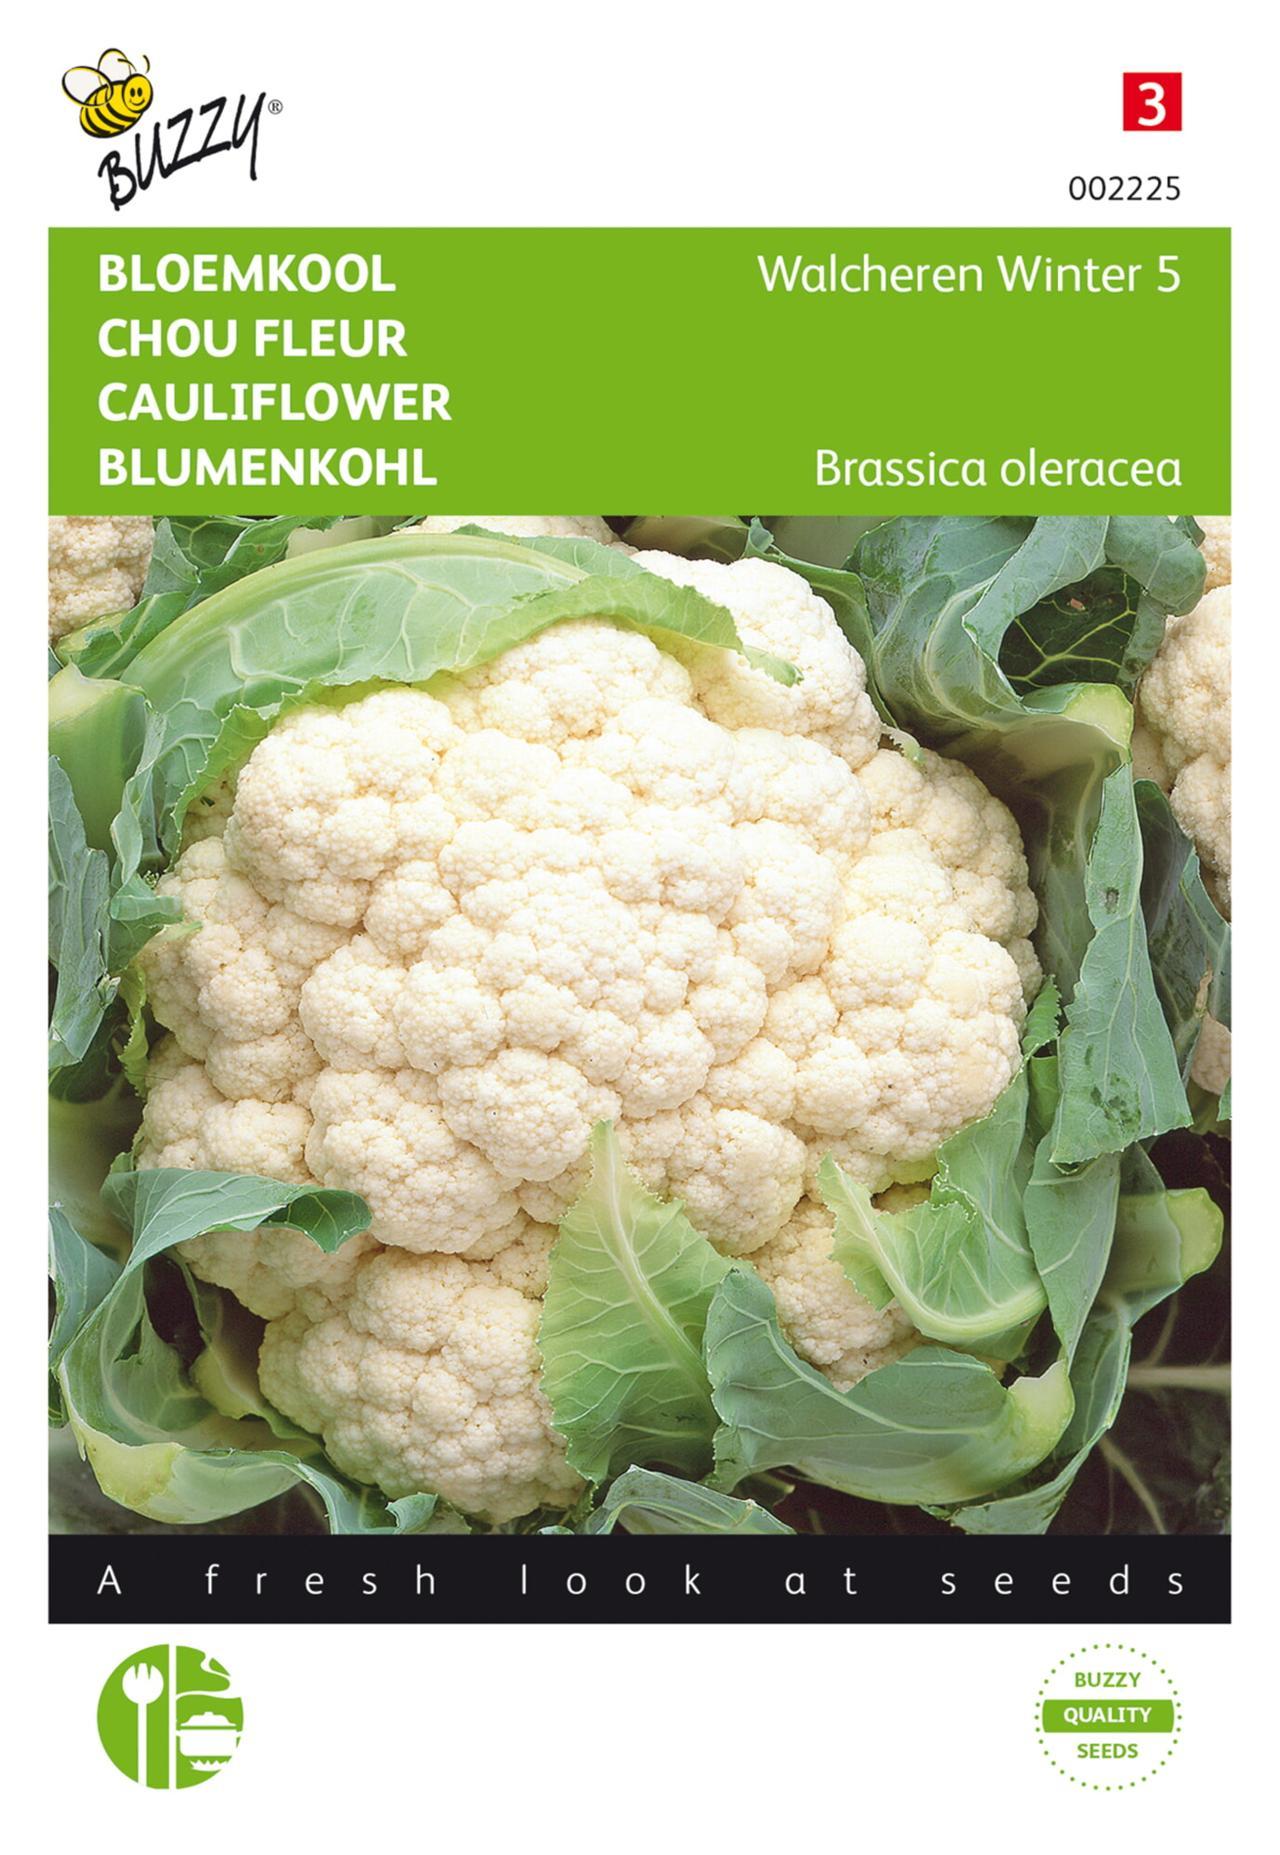 Brassica oleracea 'Walcheren Winter 5' plant